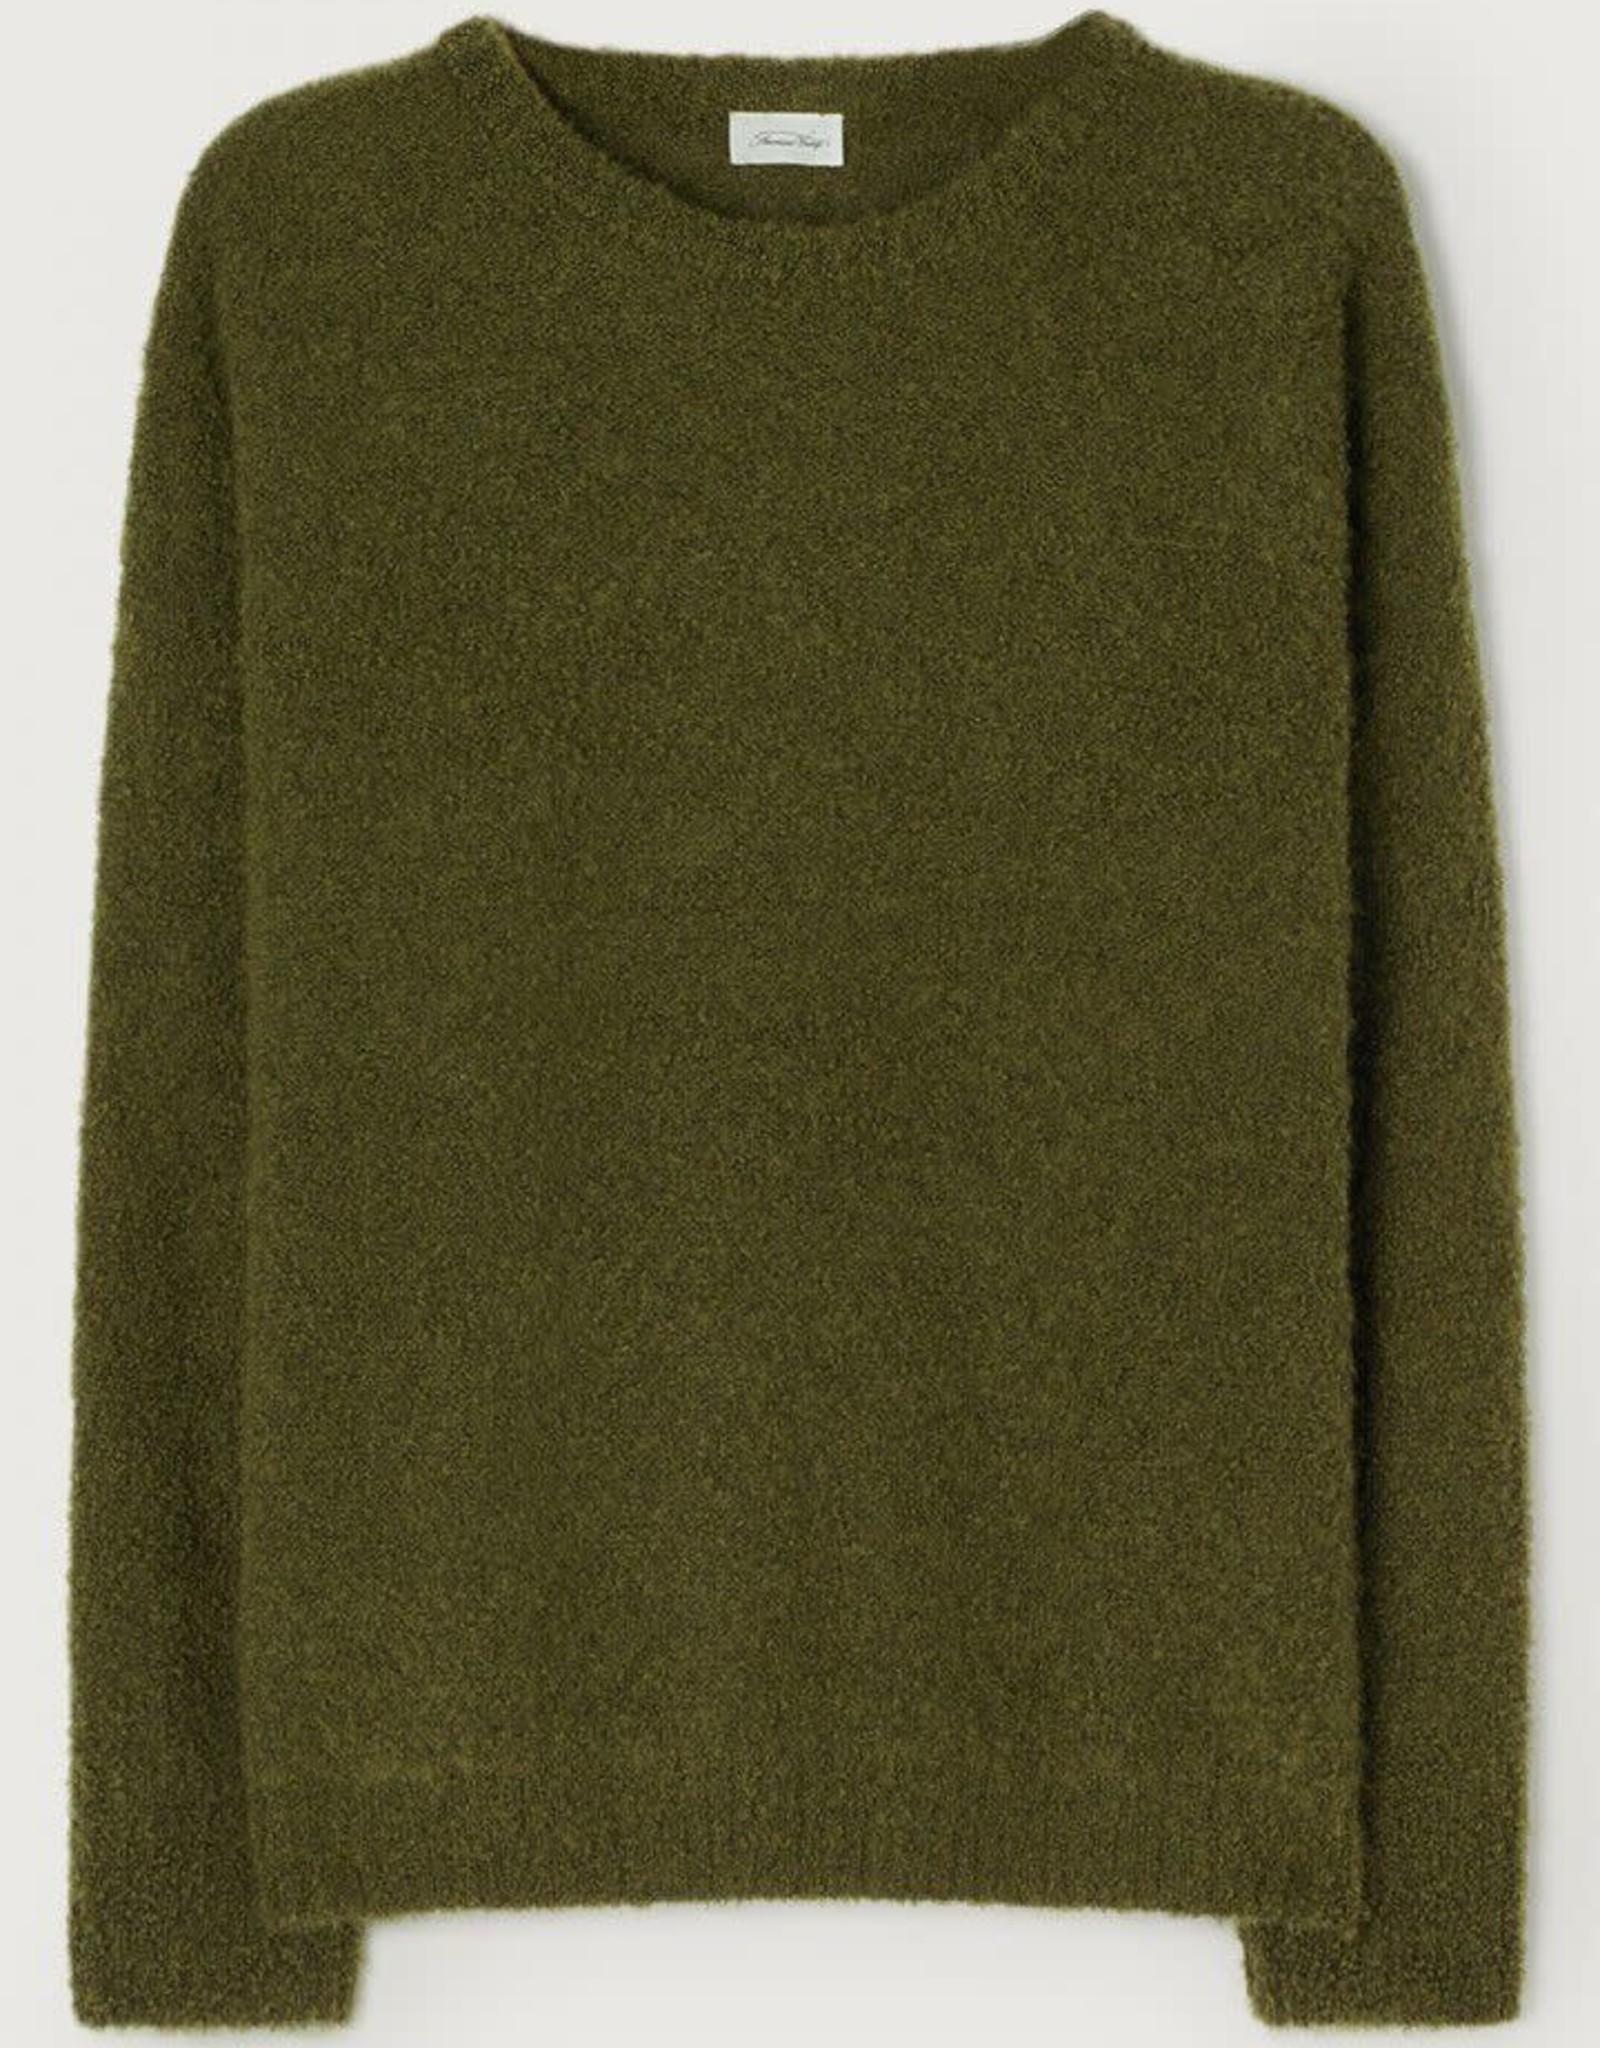 American Vintage Pull 'Verywood' - Camouflage - American Vintage